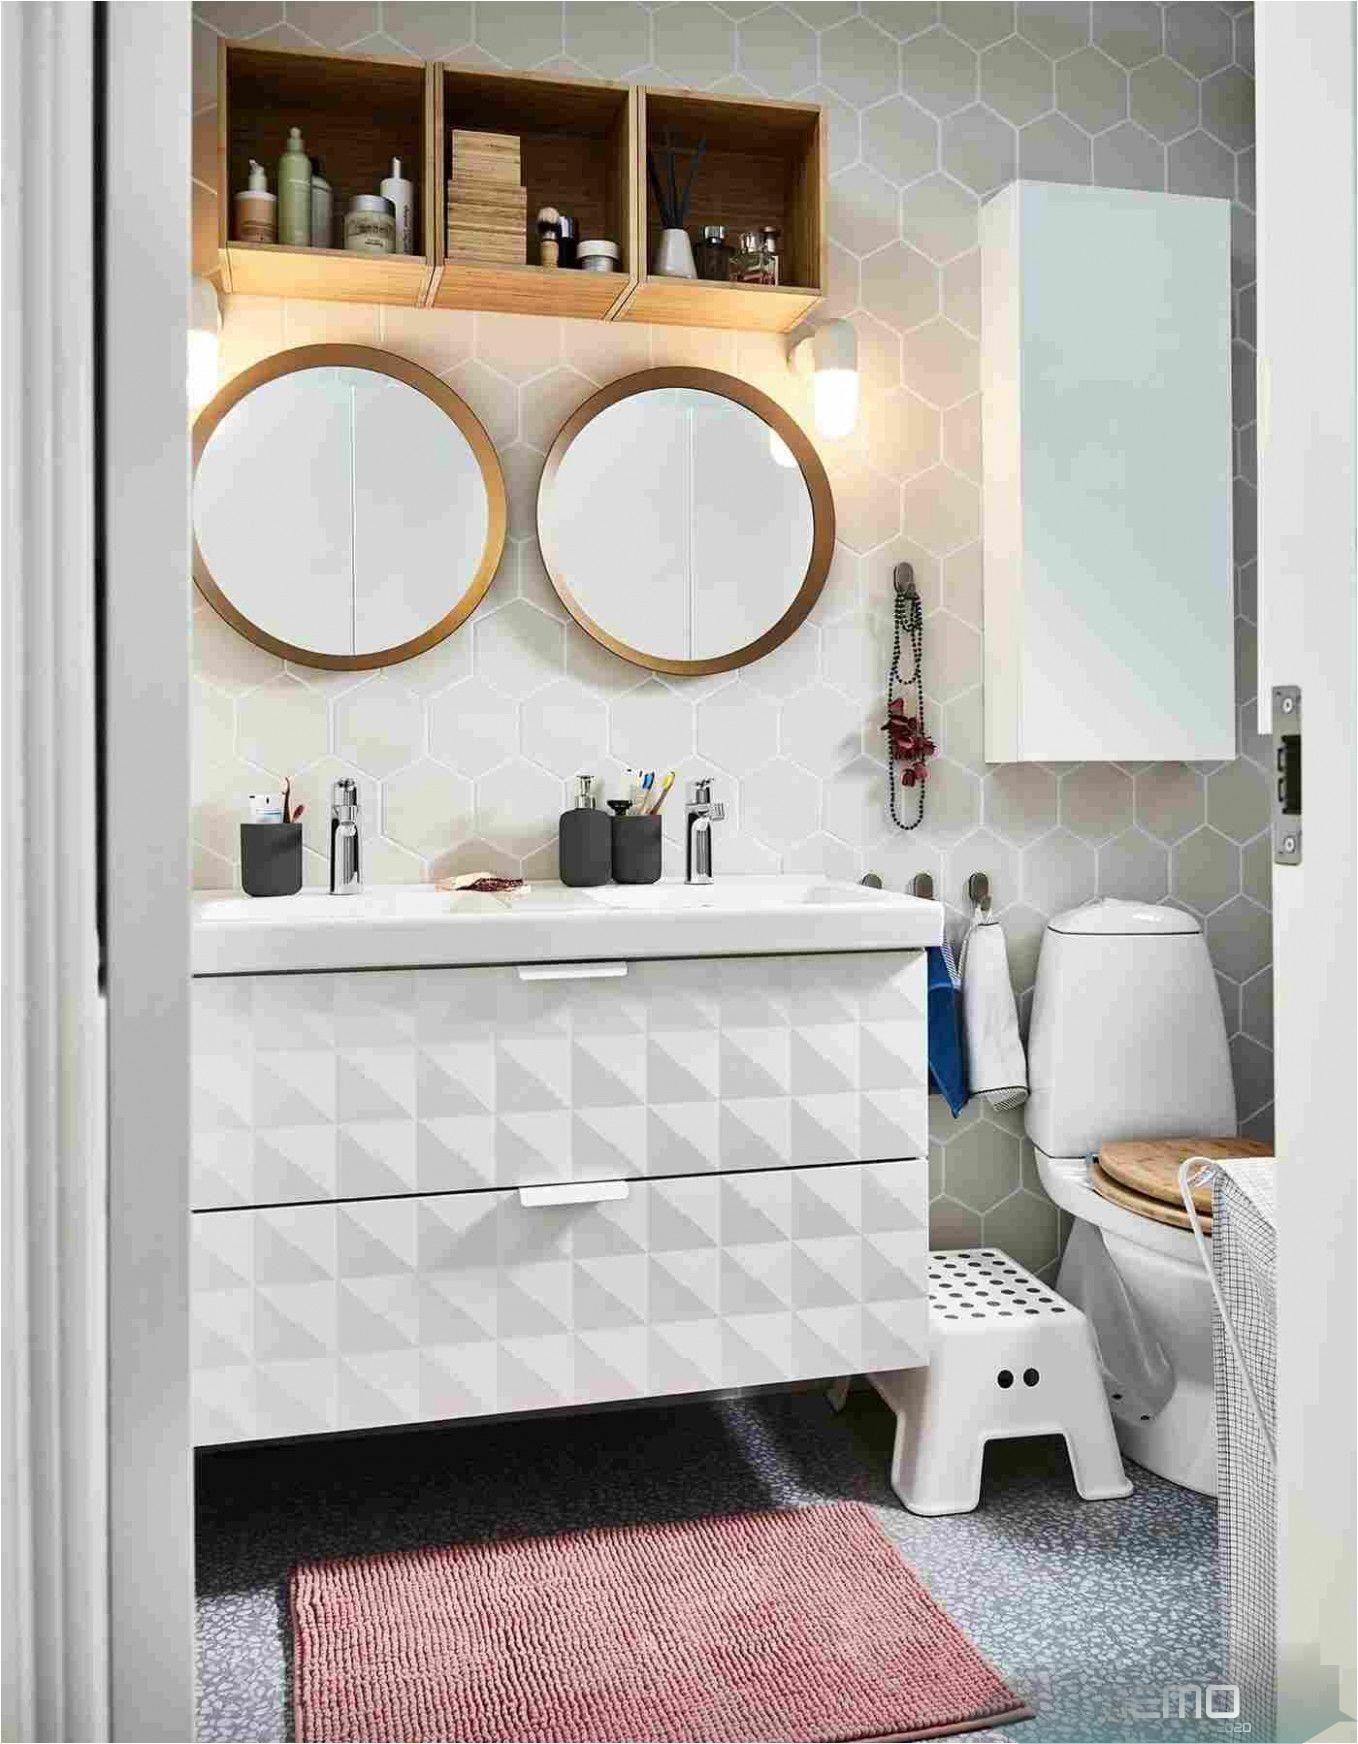 May 11 2020 11 Arbeits Ideen Aufbewahrung 11 Arbeits Ideen Aufbewahrung Badezimmer Ideen Auf In 2020 Bathroom Style Bathroom Interior Design Round Mirror Bathroom